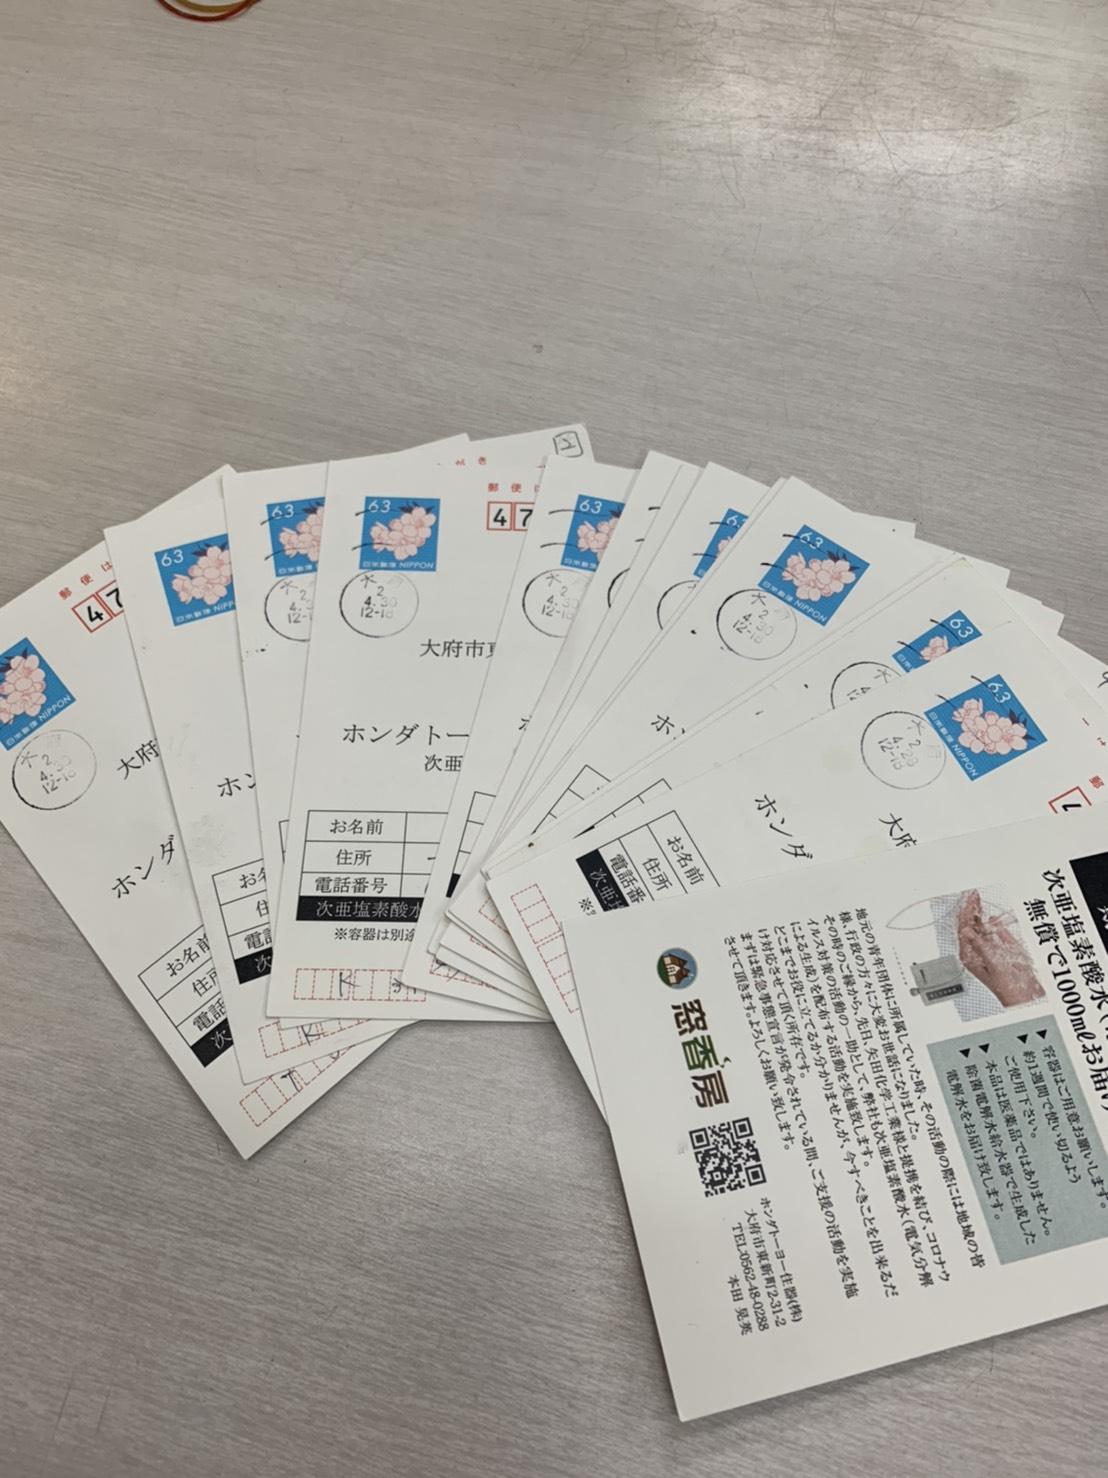 愛知県大府市 コロナウイルス対策 次亜塩素酸配達を進めています【ホンダトーヨー住器株式会社】